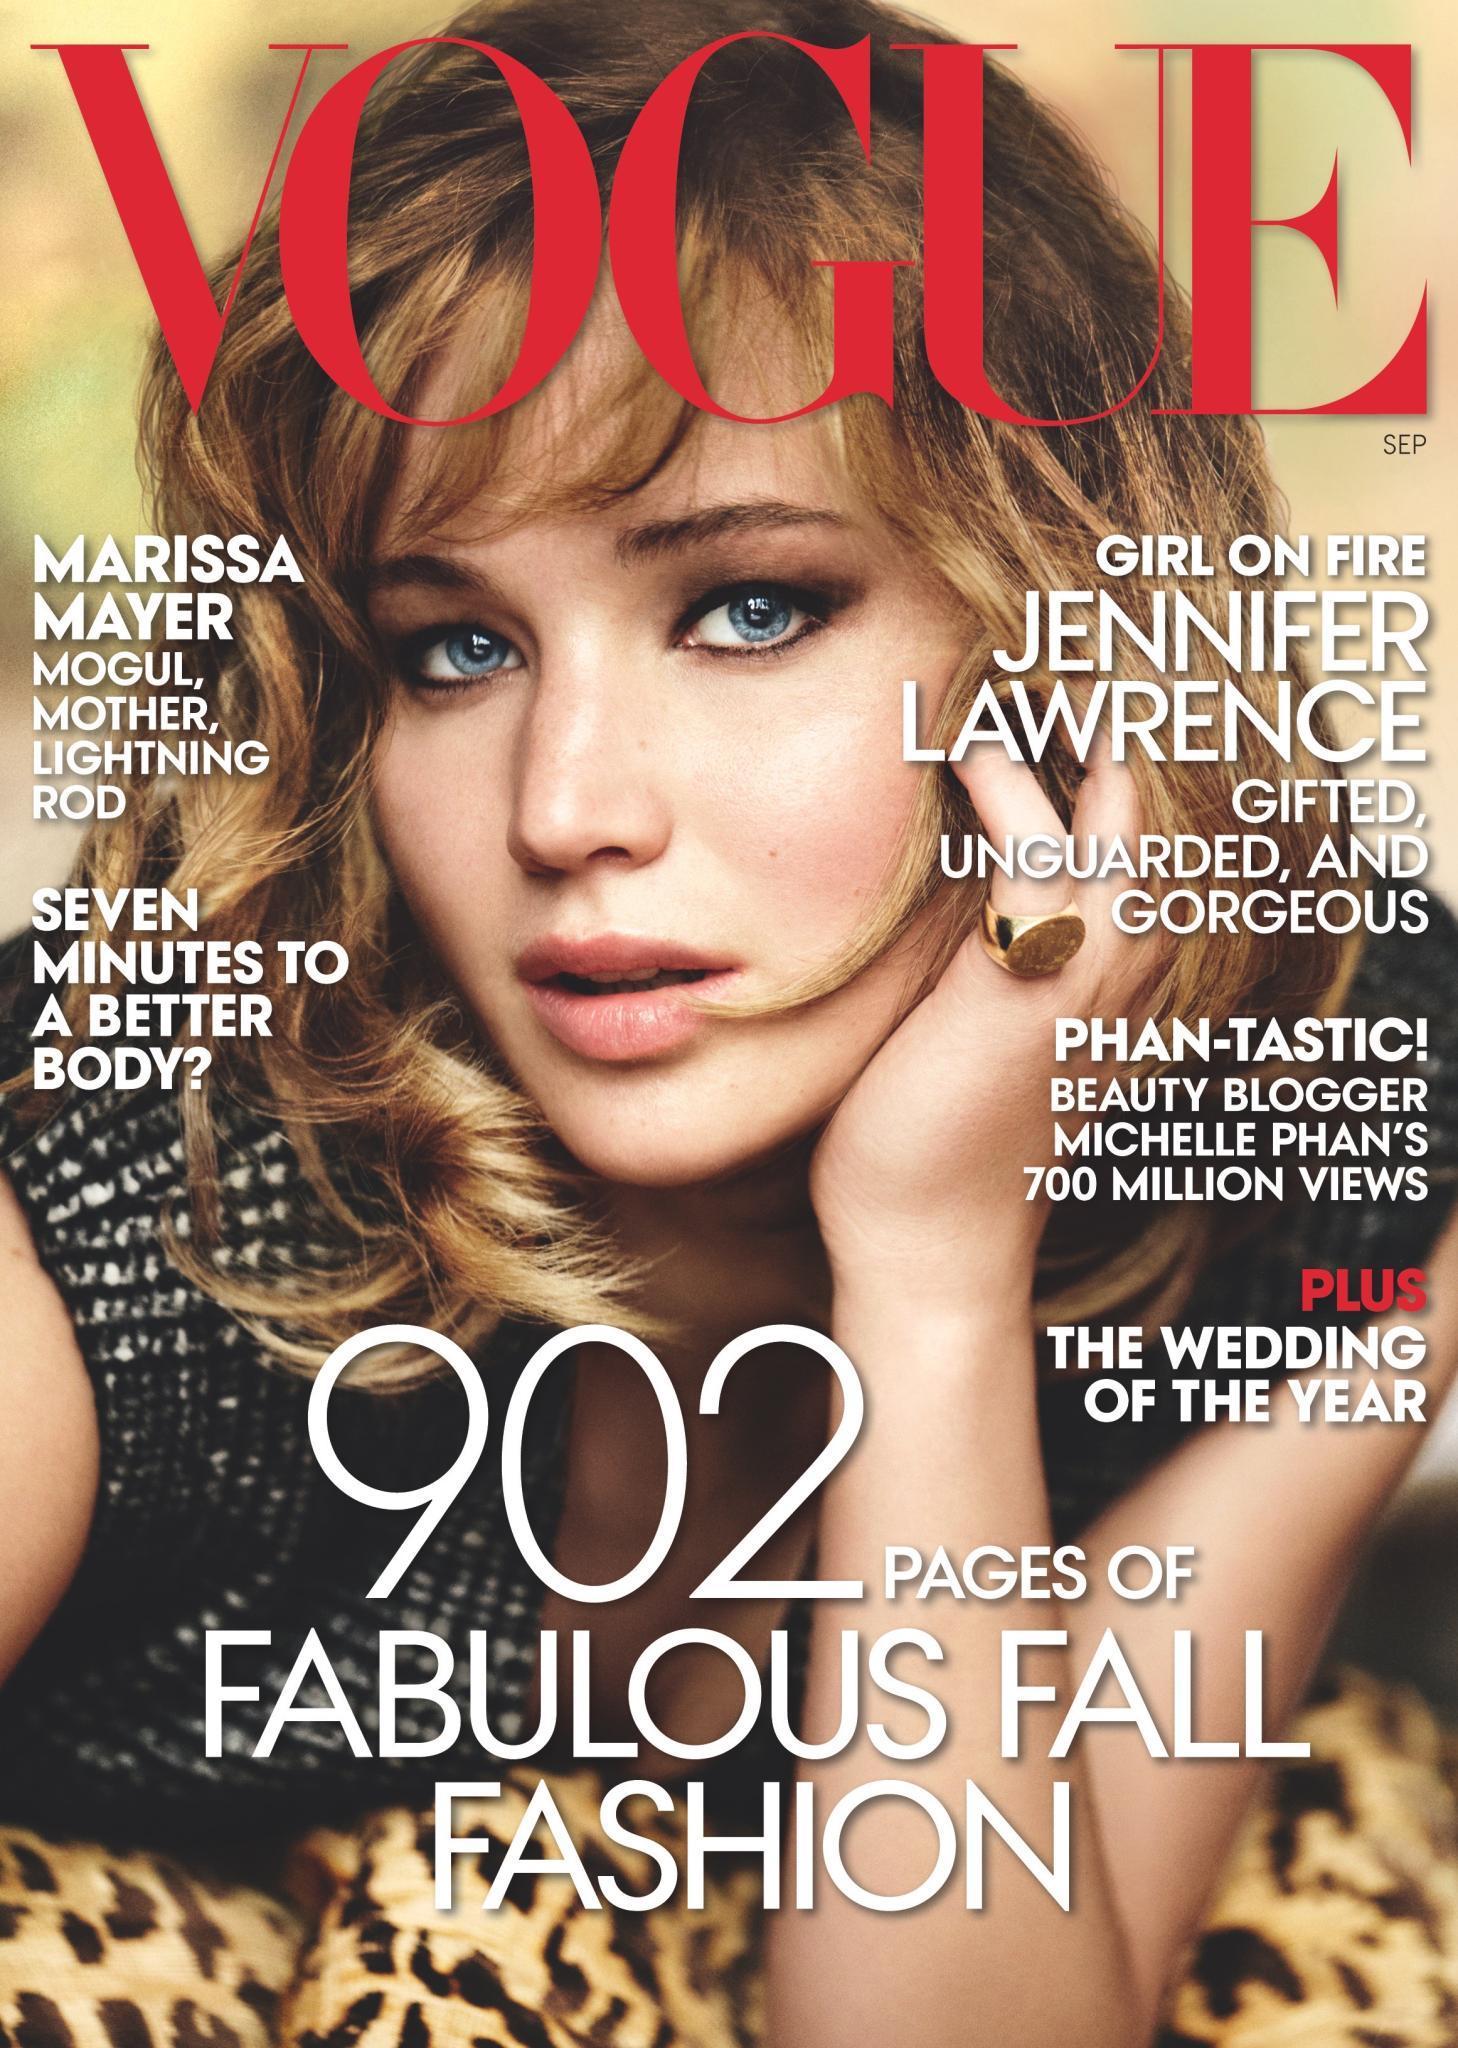 """Schön & schlau  Neben Beautytipps, Fashiontrends und Titelgirl Jennifer Lawrence: Die Marissa-Mayer-Story soll auf dem Titel der renommierten US-""""Vogue"""" als zusätzliches Kaufargument dienen."""